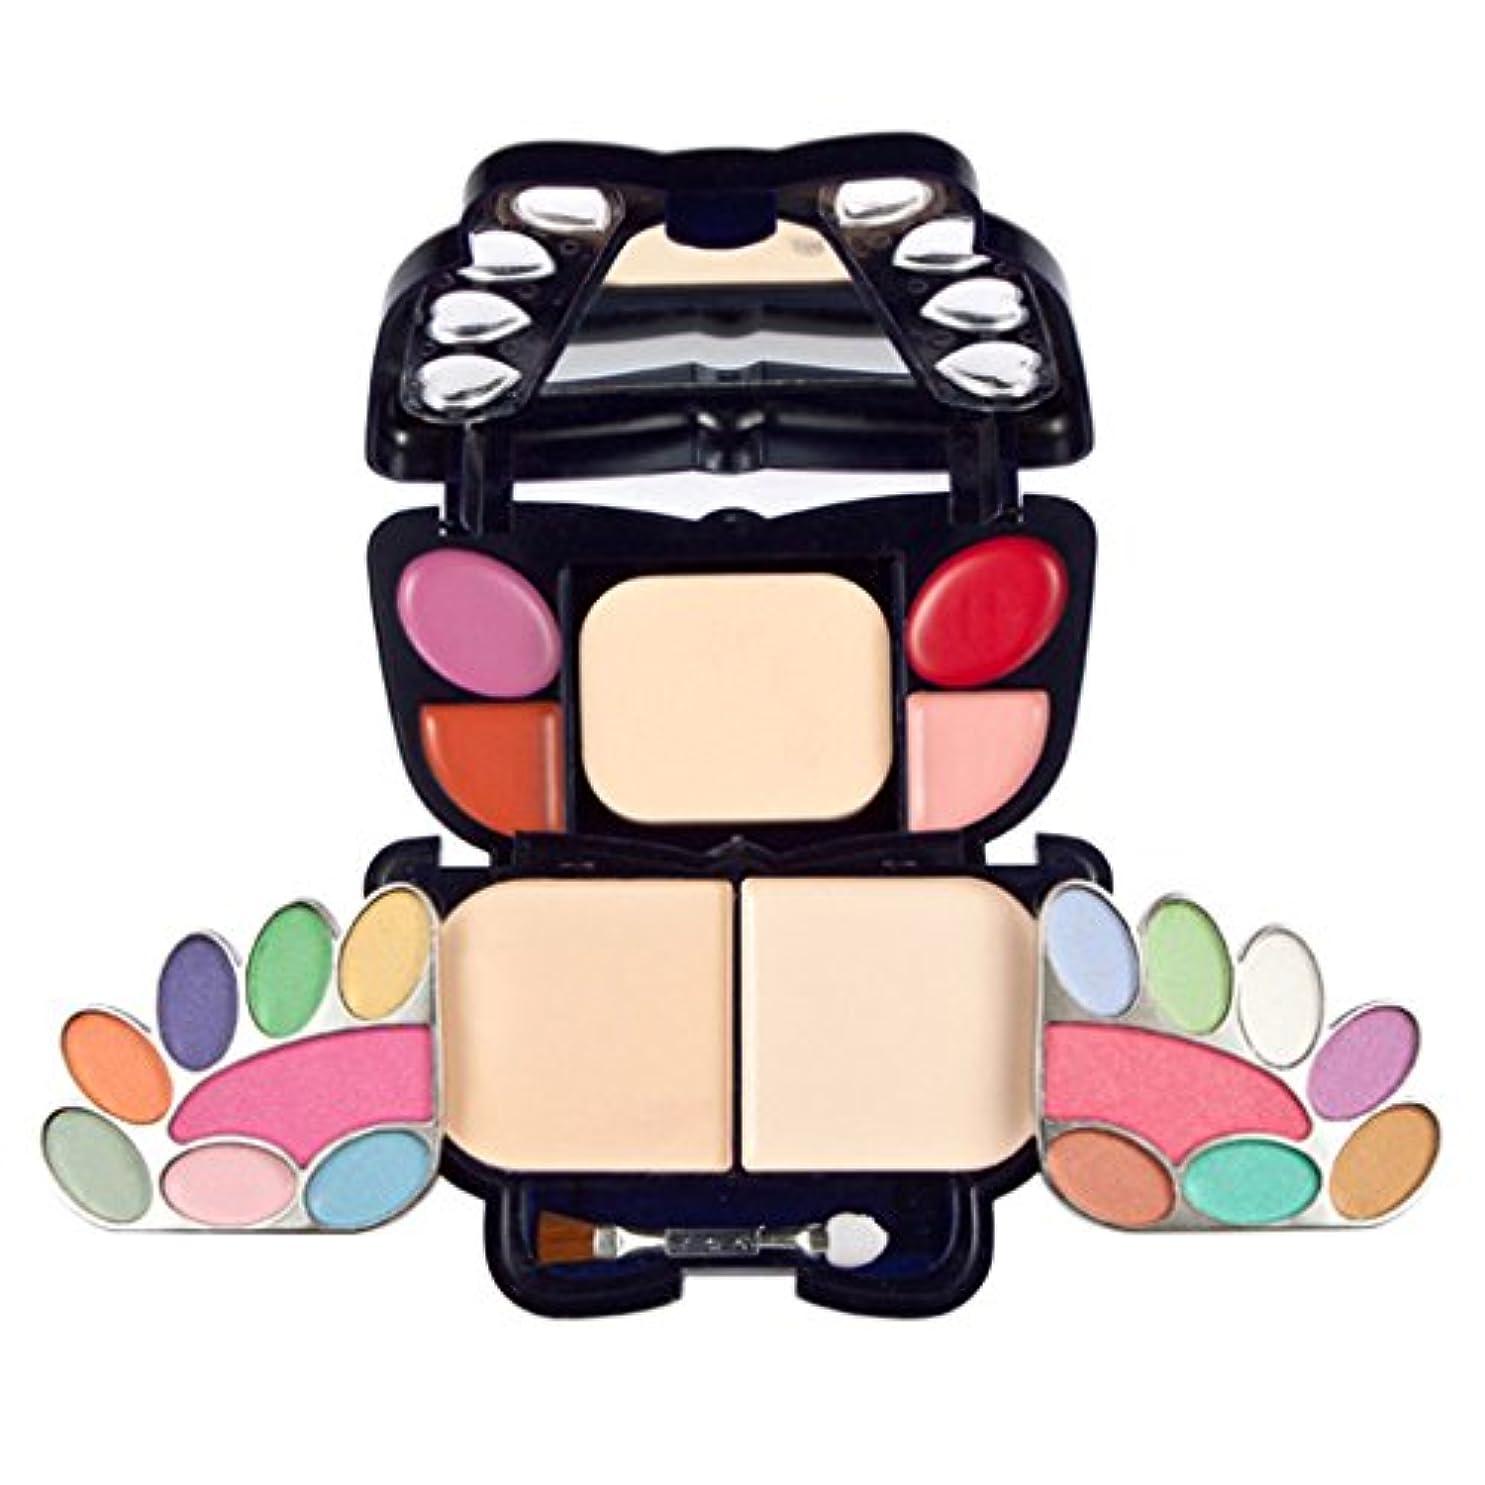 書き込み取得重大Kesoto メイクパレット アイシャドウ 毛穴隠す バタフライ 化粧パレット カラーメイクアップパレット